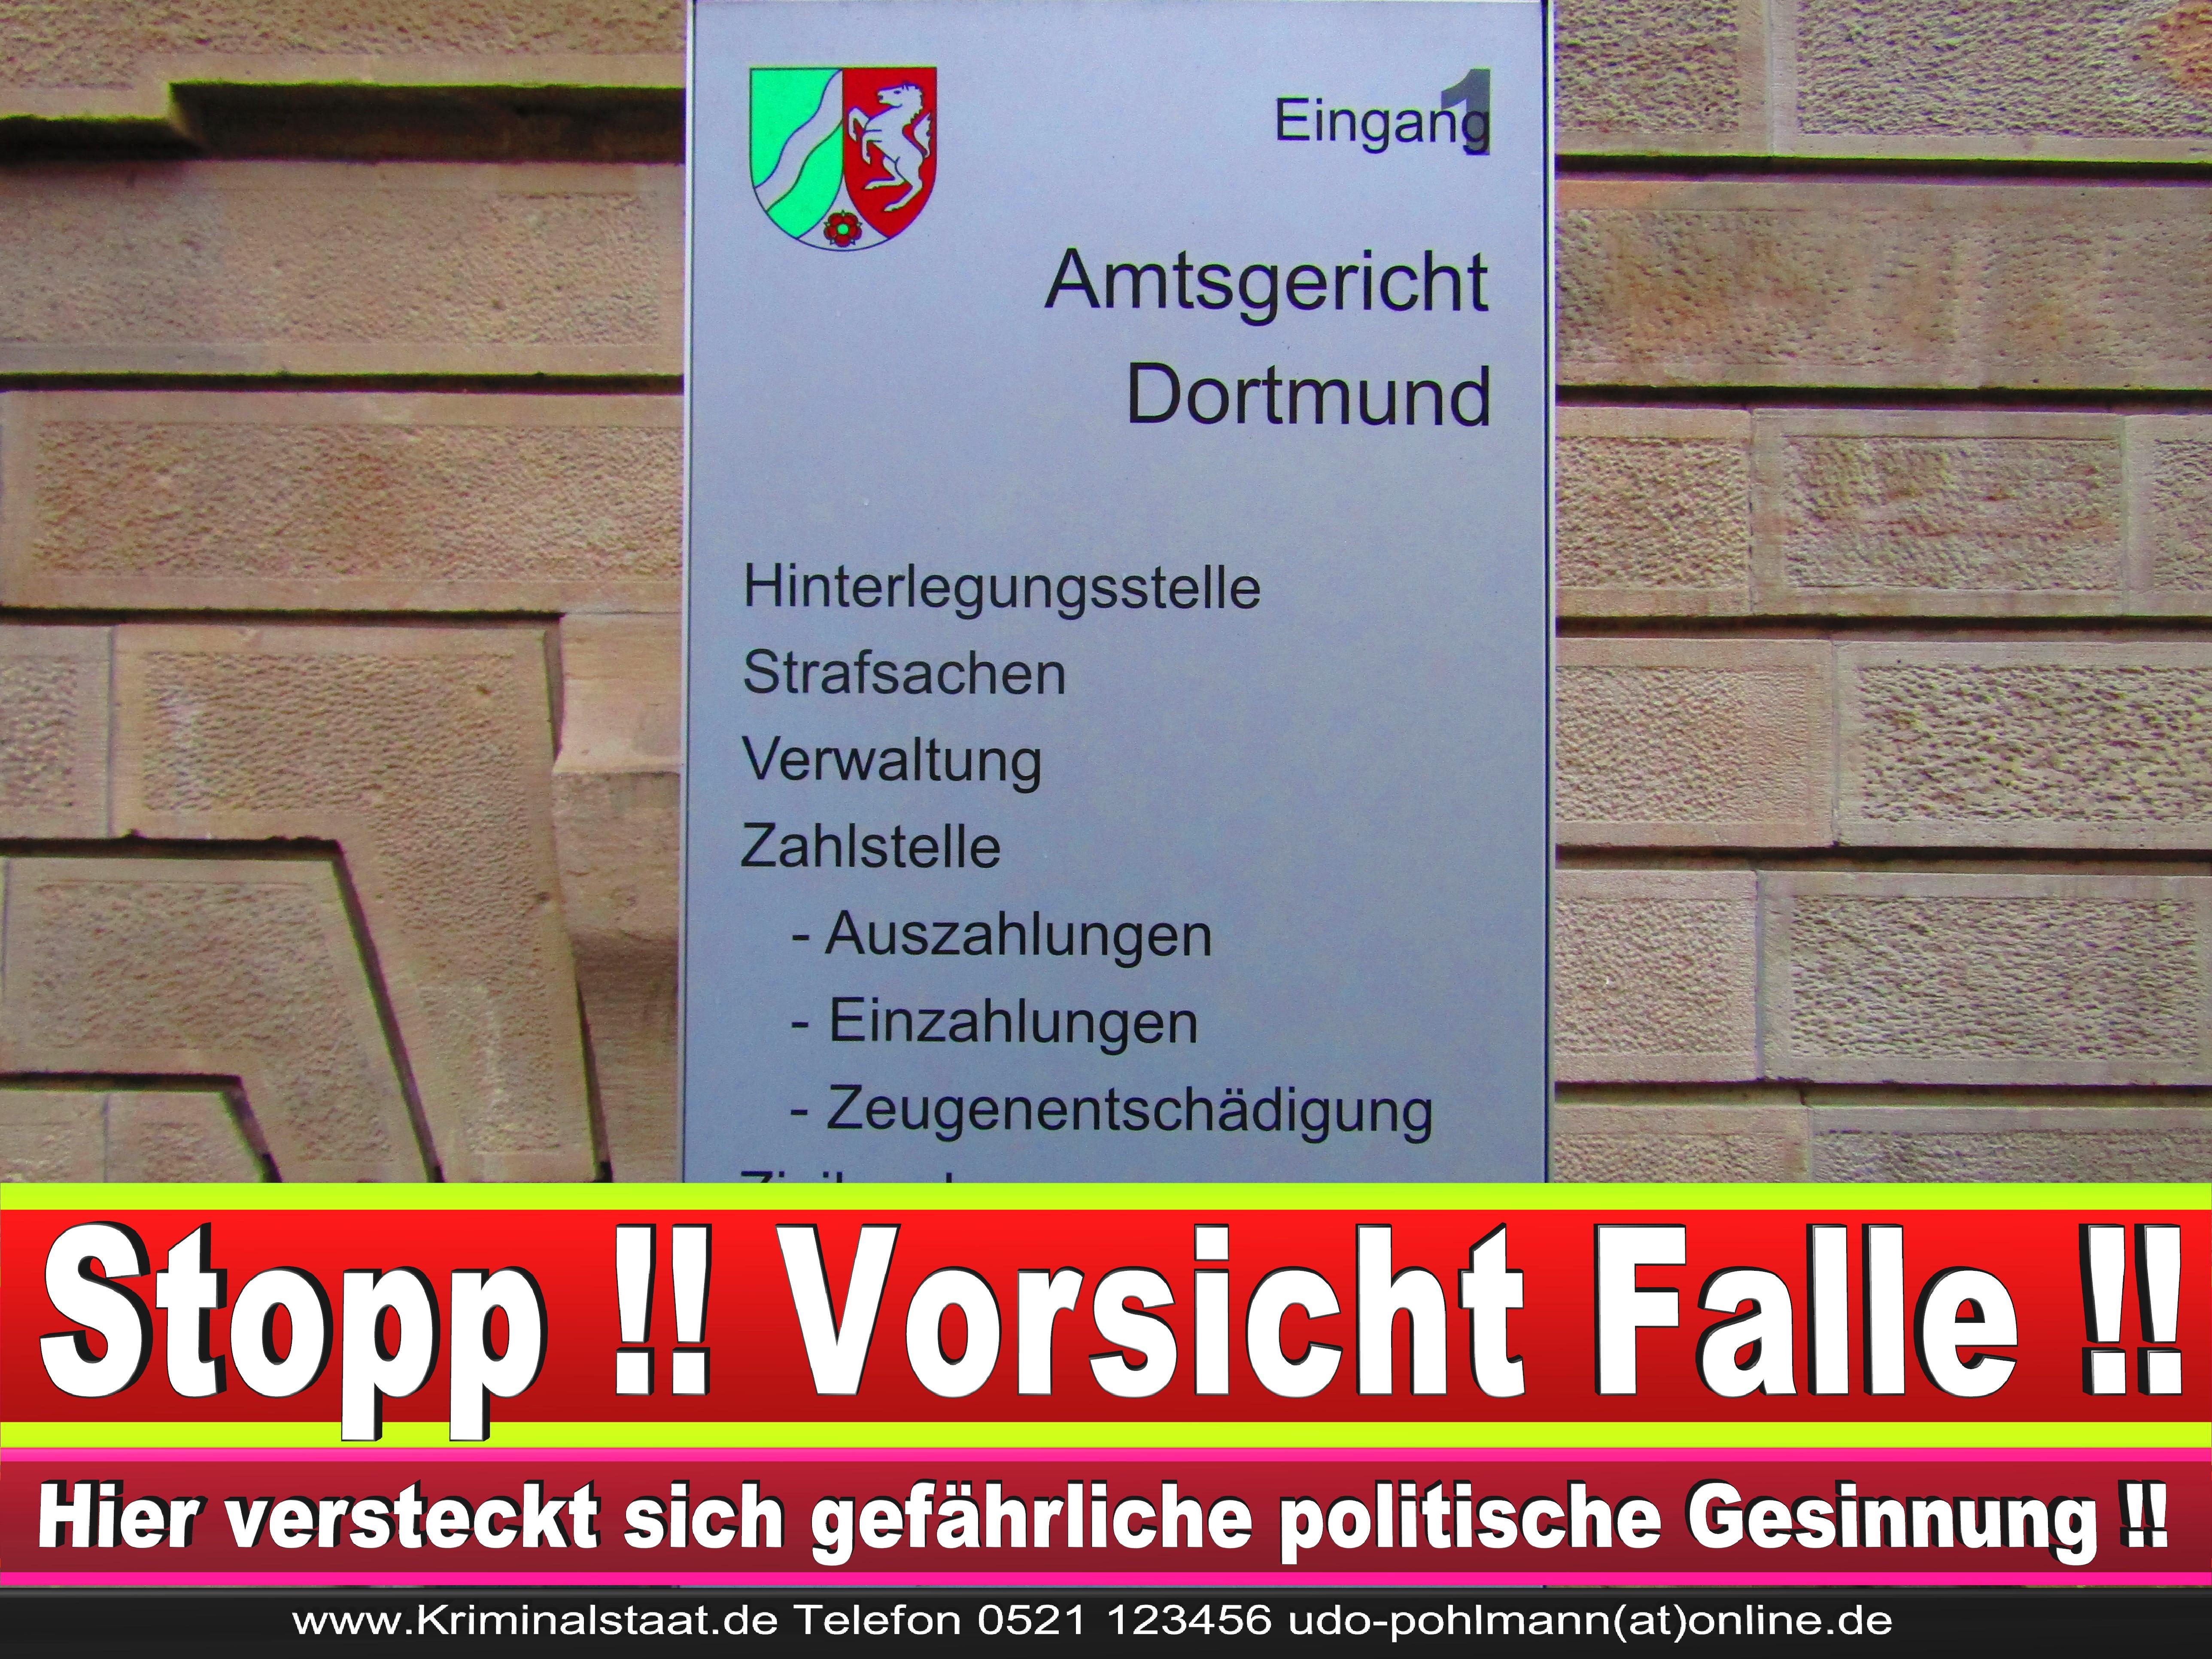 AMTSGERICHT DORTMUND RICHTER AUSBILDUNG PRAKTIKUM ANFAHRT URTEILE KORRUPTION POLIZEI ADRESSE DIREKTOR (6) 2